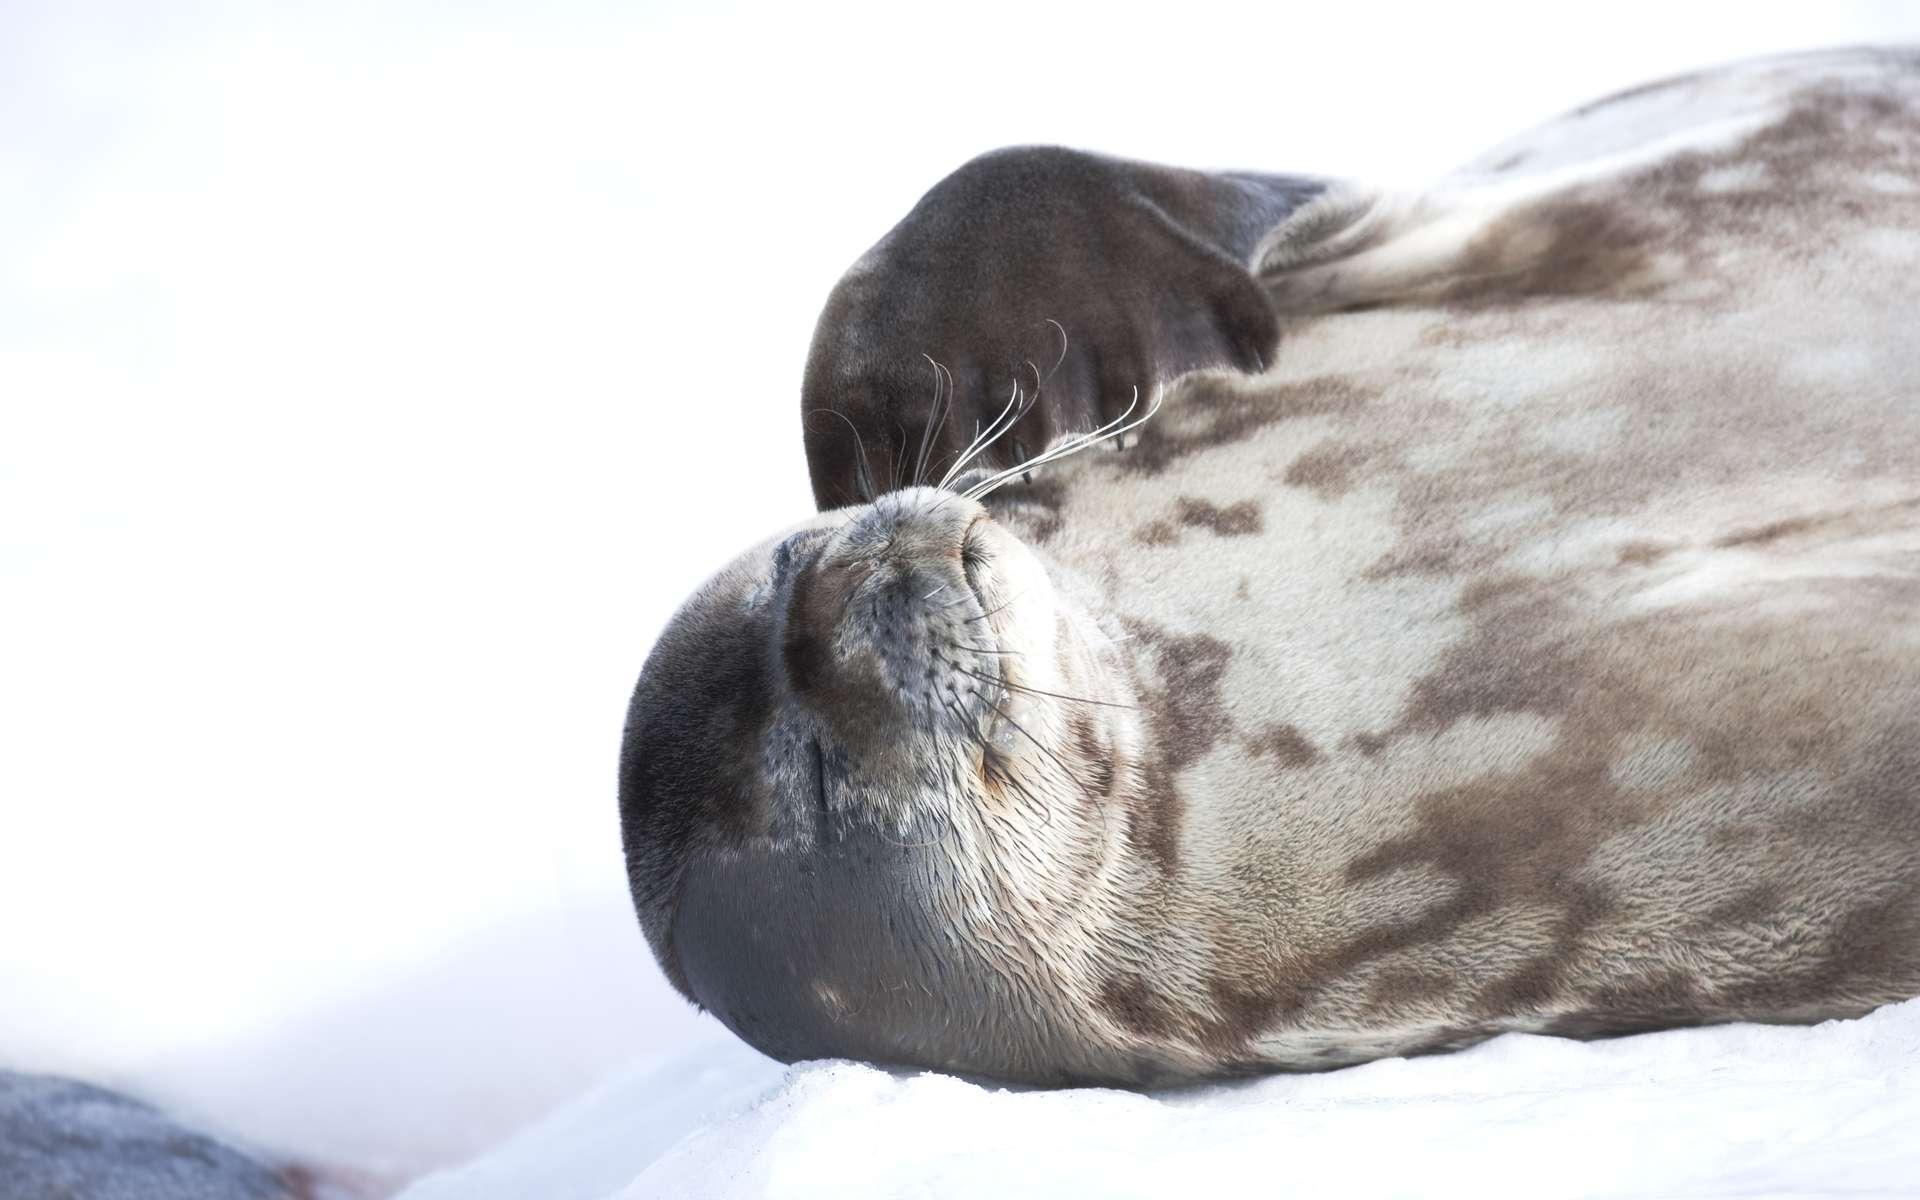 La biomasse de l'Antarctique est l'une des plus importantes de la planète. On compte 300 espèces de poissons différentes, 40 espèces d'oiseaux et 8 espèces de cétacés. © John B. Weller courtesy The Pew Charitable Trusts